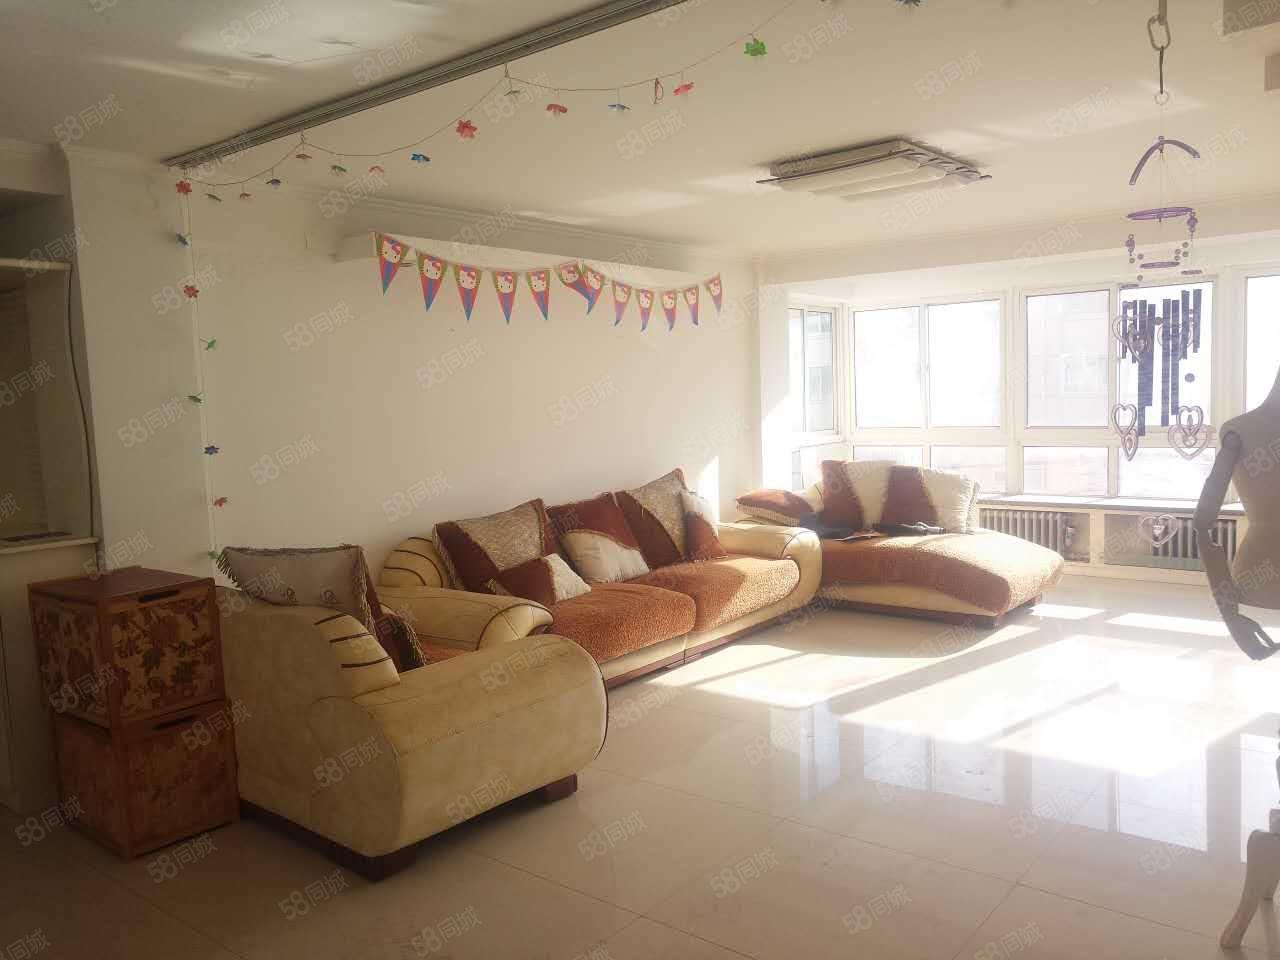 富锦家园2室2厅125平米5楼带阁楼包取暖家电齐全